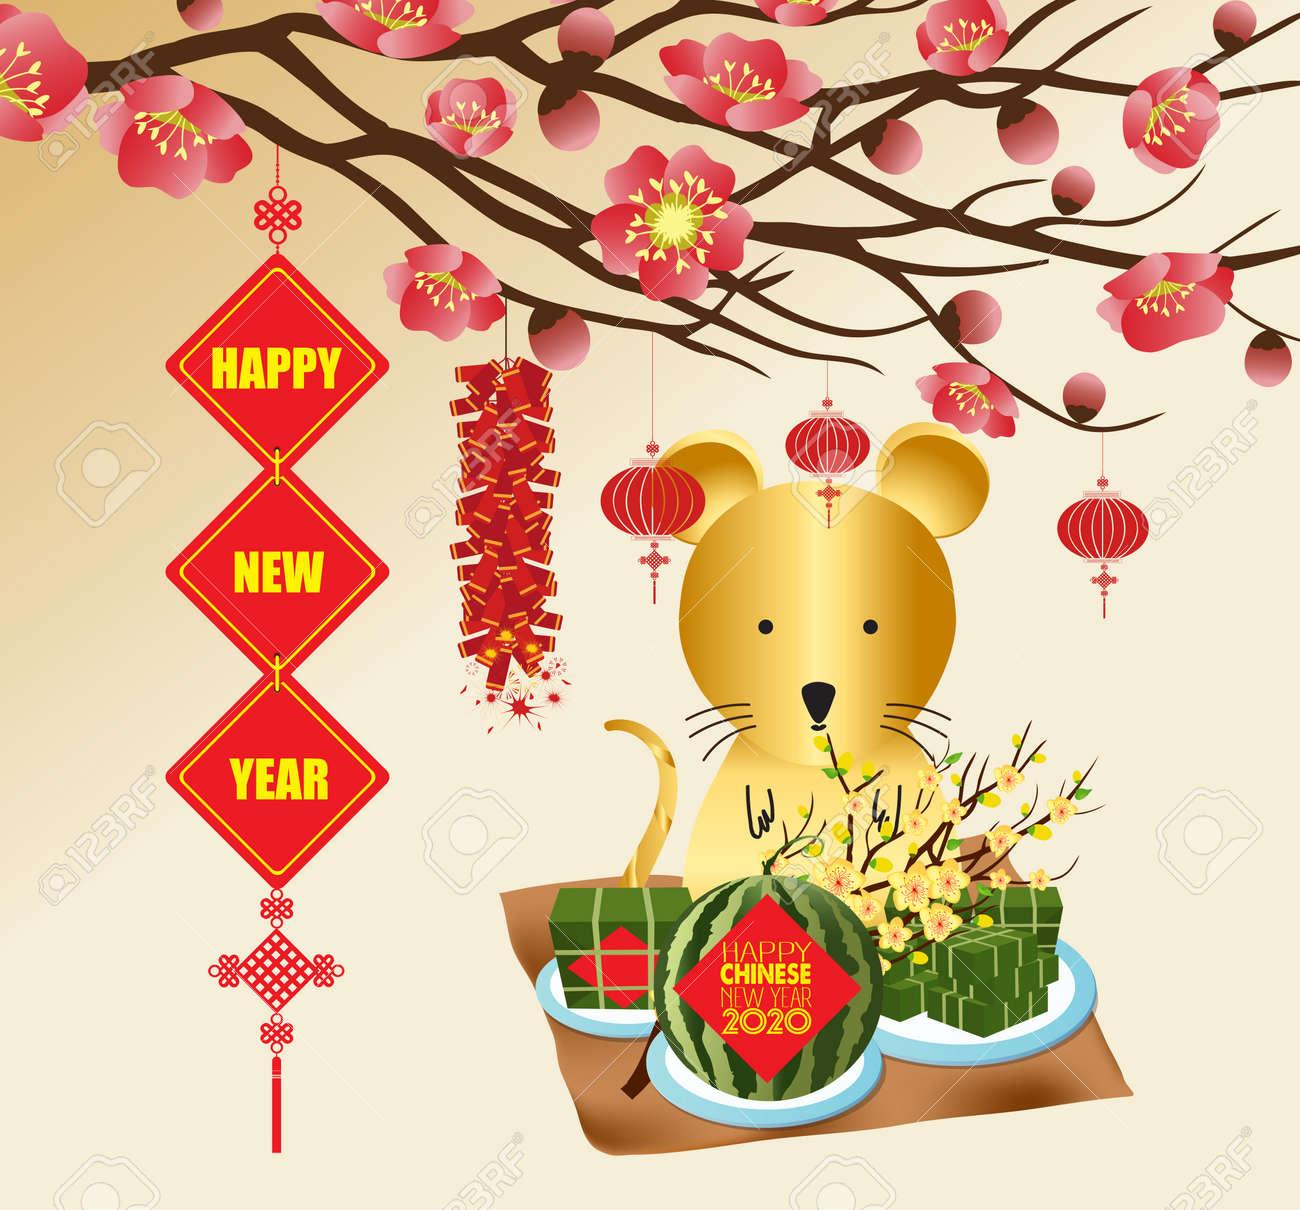 Vietnamese New Year 2020.Chinese New Year Rat 2020 Background Blooming Sakura Branches